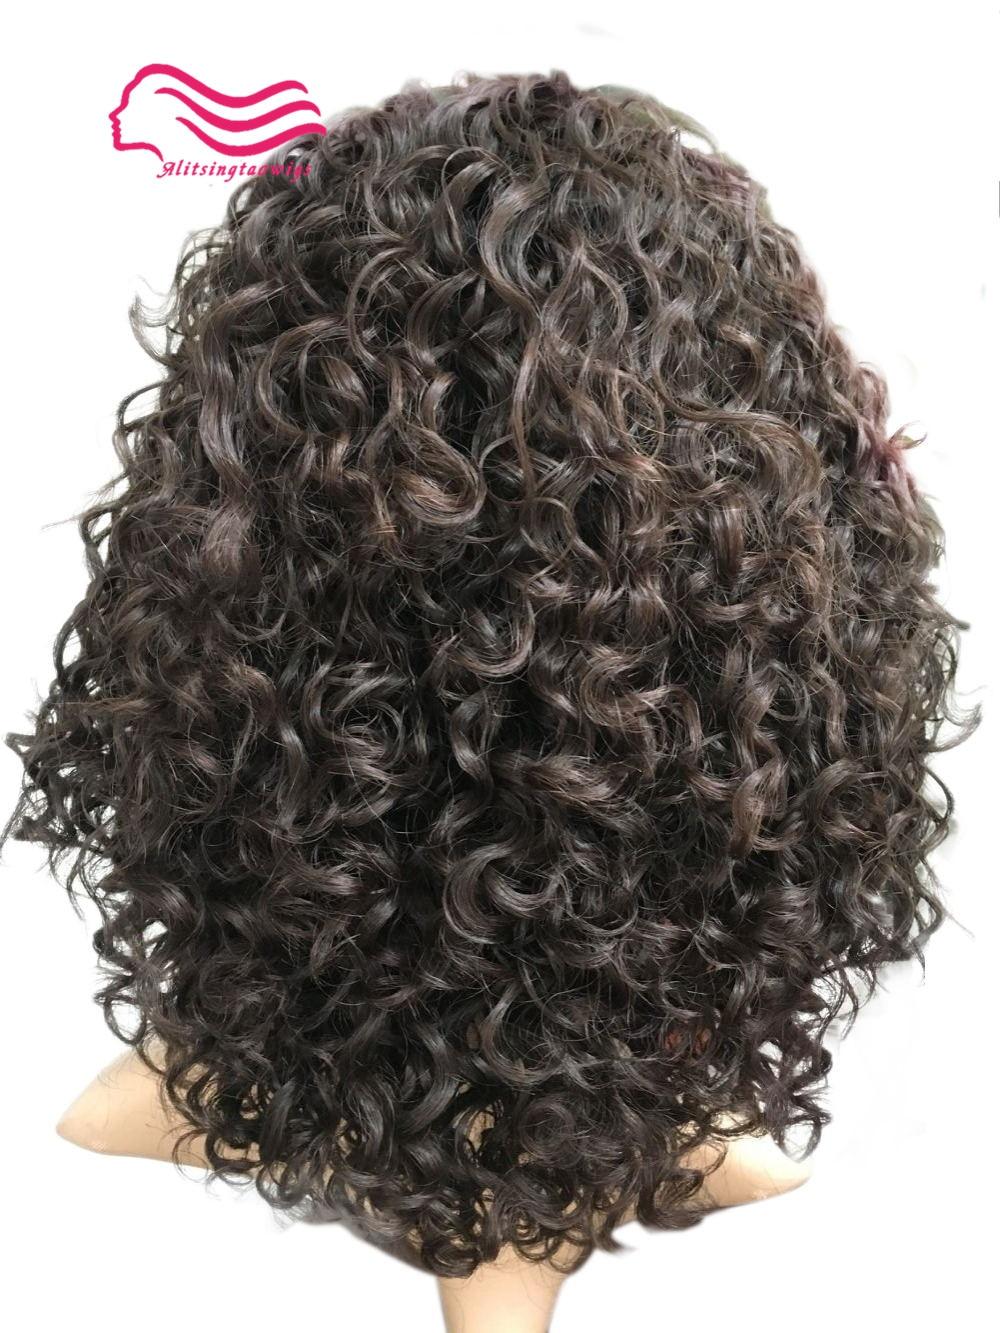 Europäischen Reines Haar, Unprocess Haar Leichte Welle Jüdische Perücke, Silk Top Kosher Perücke Beste Sheitels Kostenloser Versand